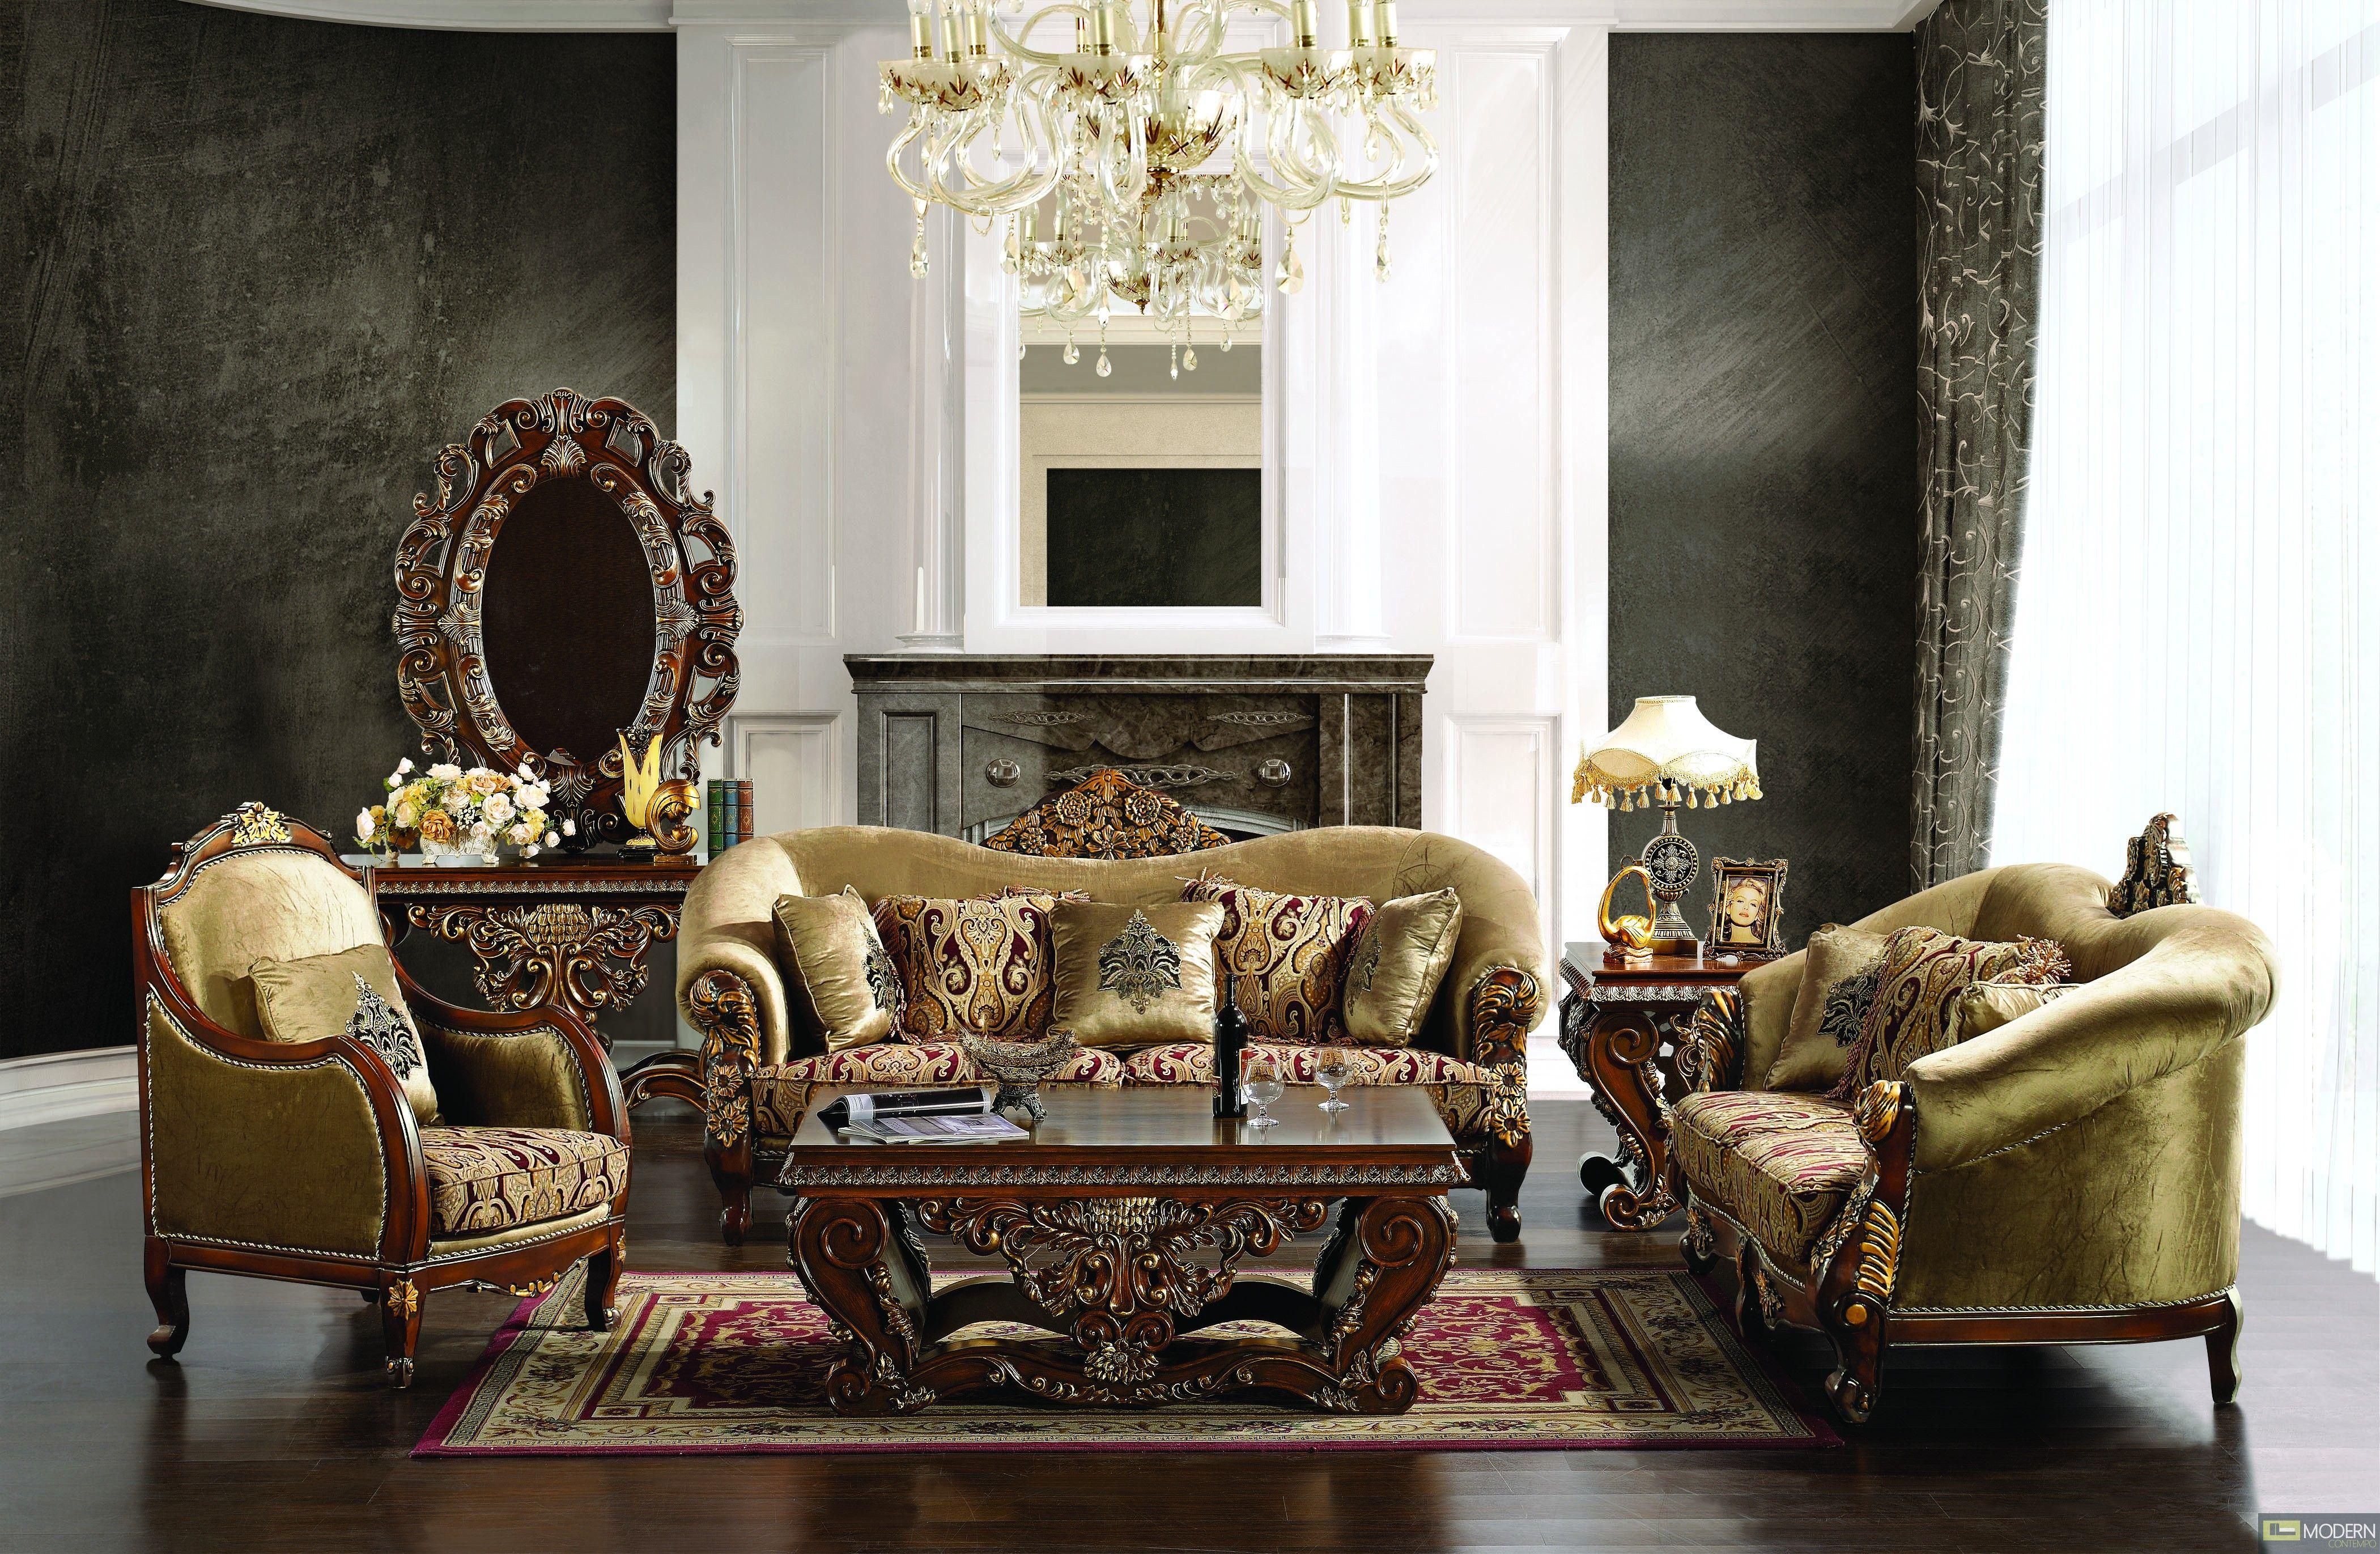 ashley mobel modulare sofa ashley mobel leder liege sofa loveseat verkauf benchmark mobel von ashley ashley